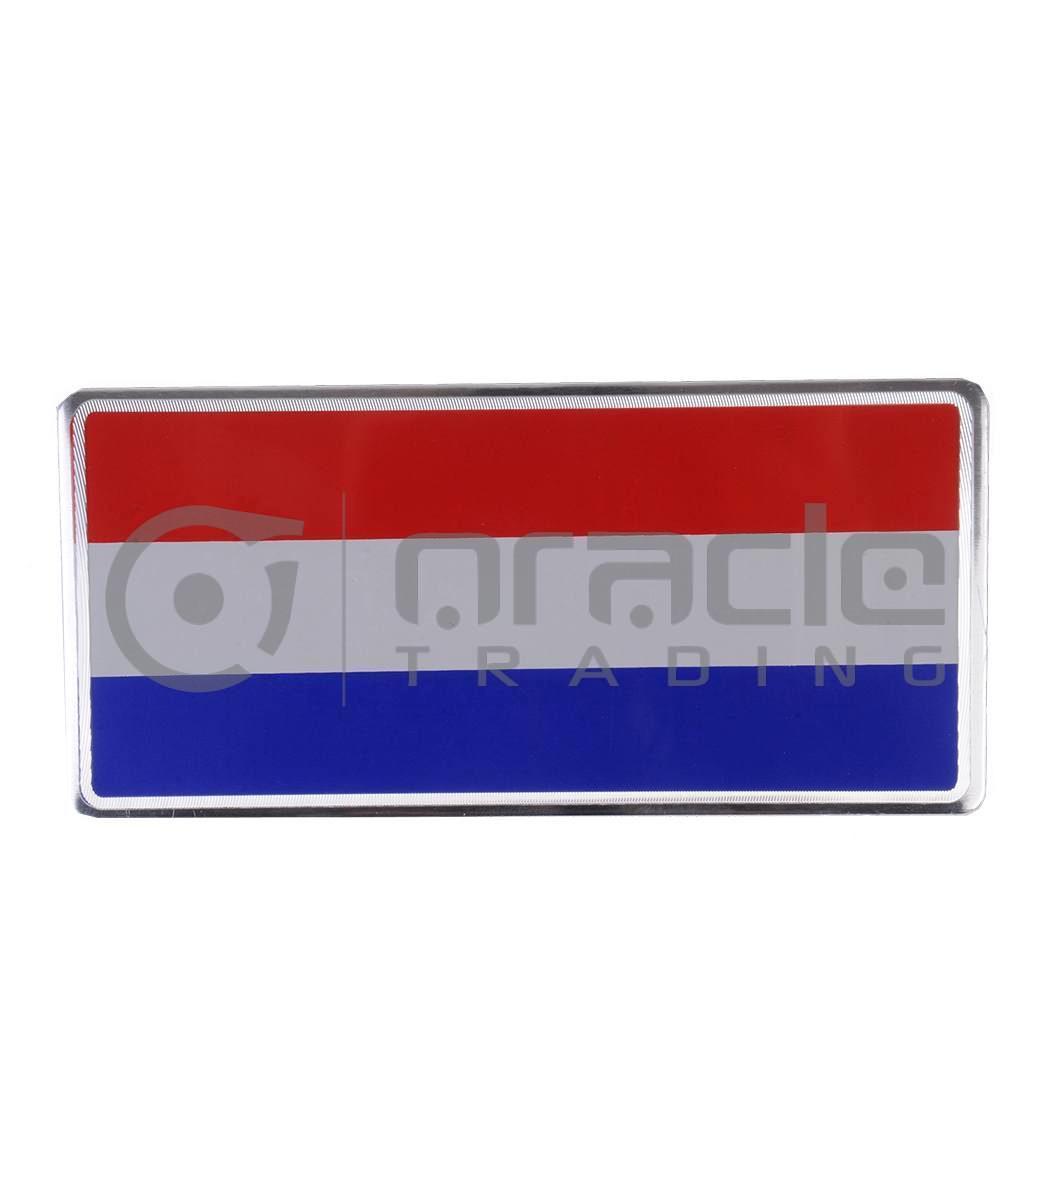 Holland Plate Sticker (Netherlands)